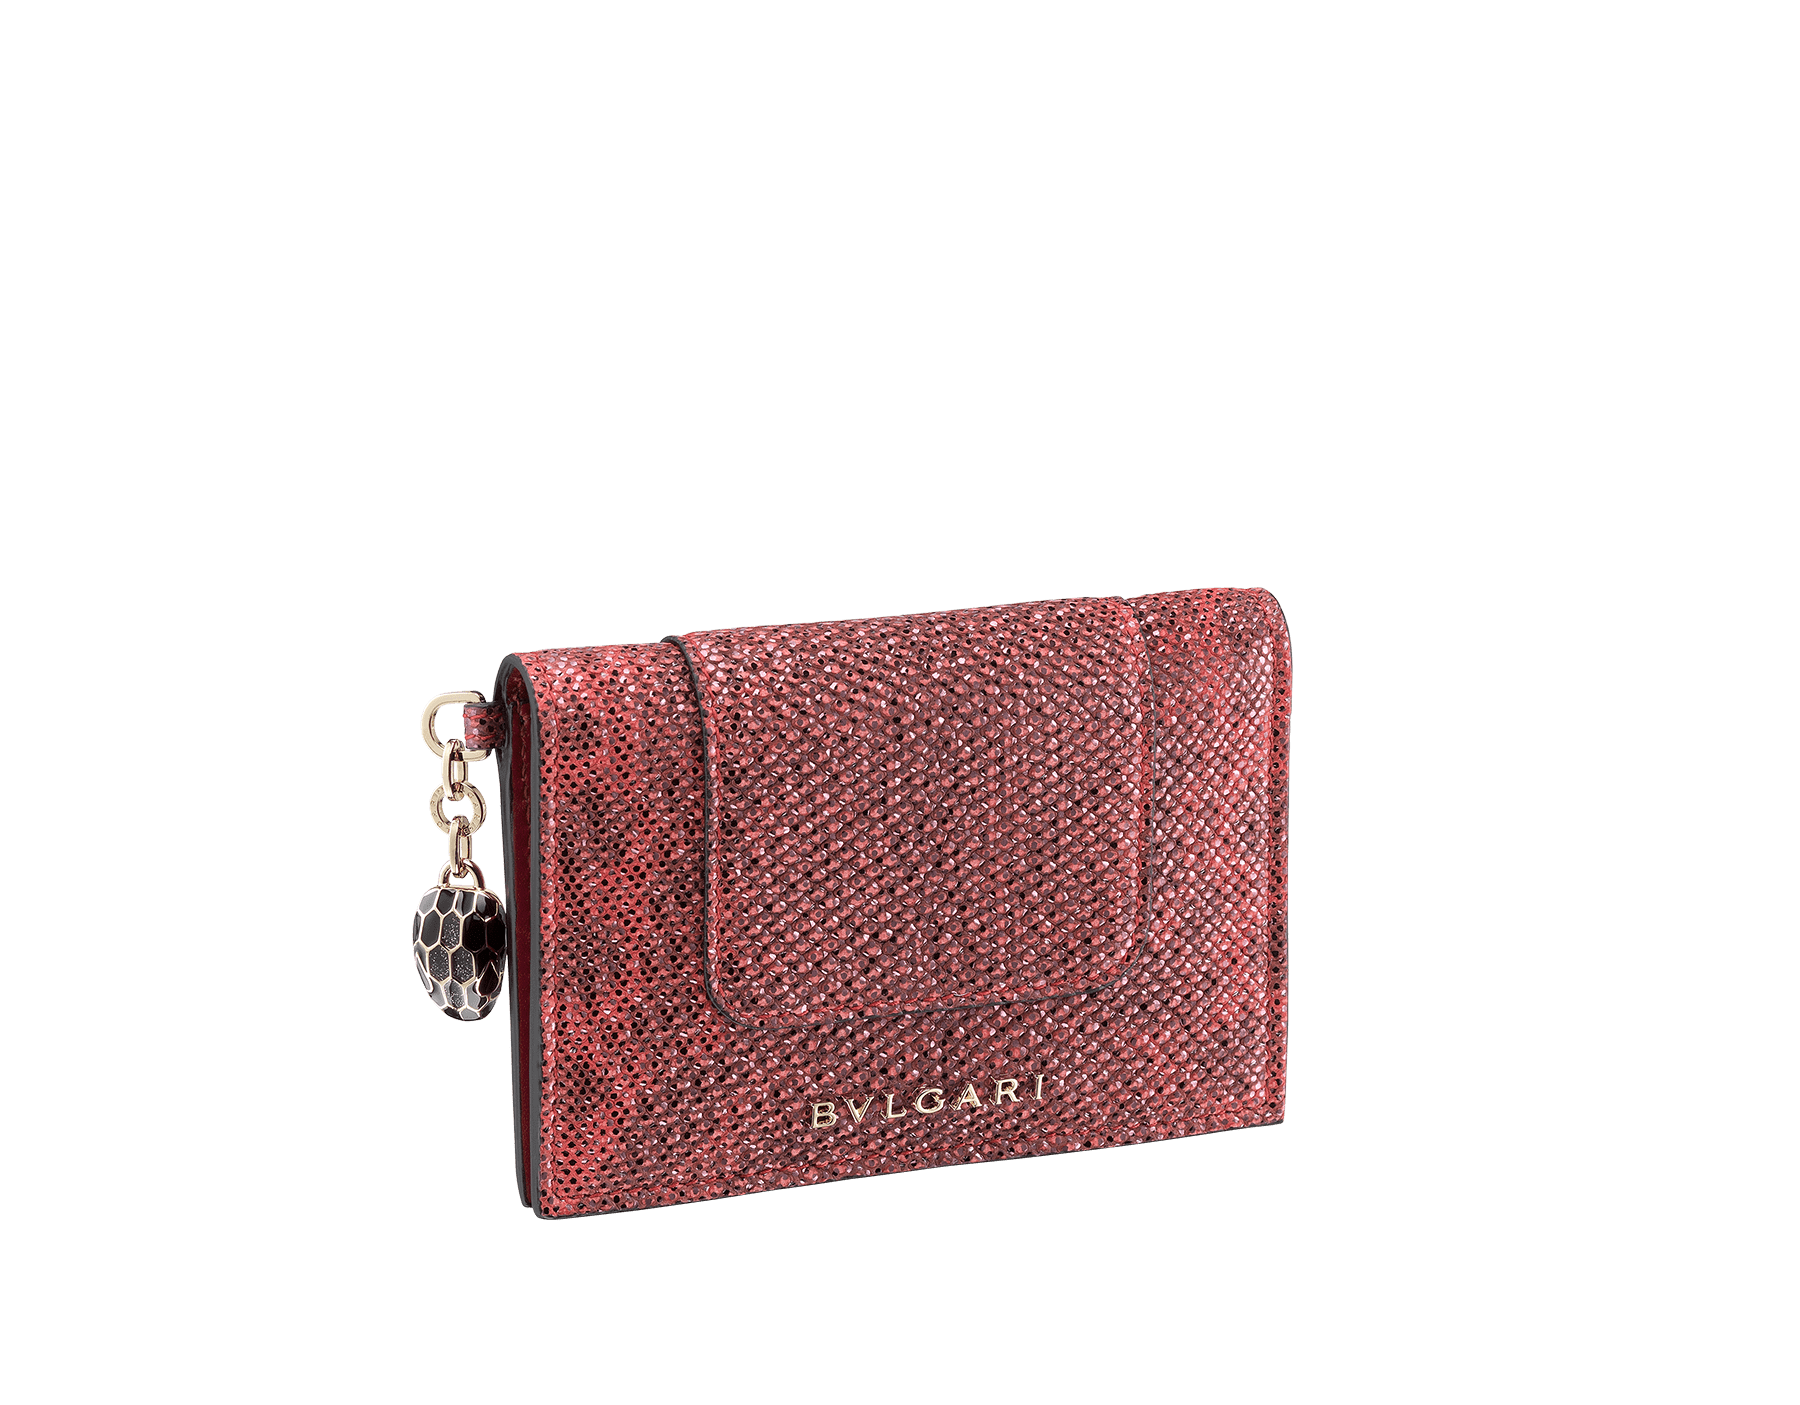 Étui pour cartes de crédit à deux volets Serpenti Forever en karung métallisé couleur rouge rubis. Bijou Serpenti emblématique en émail noir et argenté scintillant avec yeux en émail noir SEA-CC-HOLDER-FOLD-MKb image 1